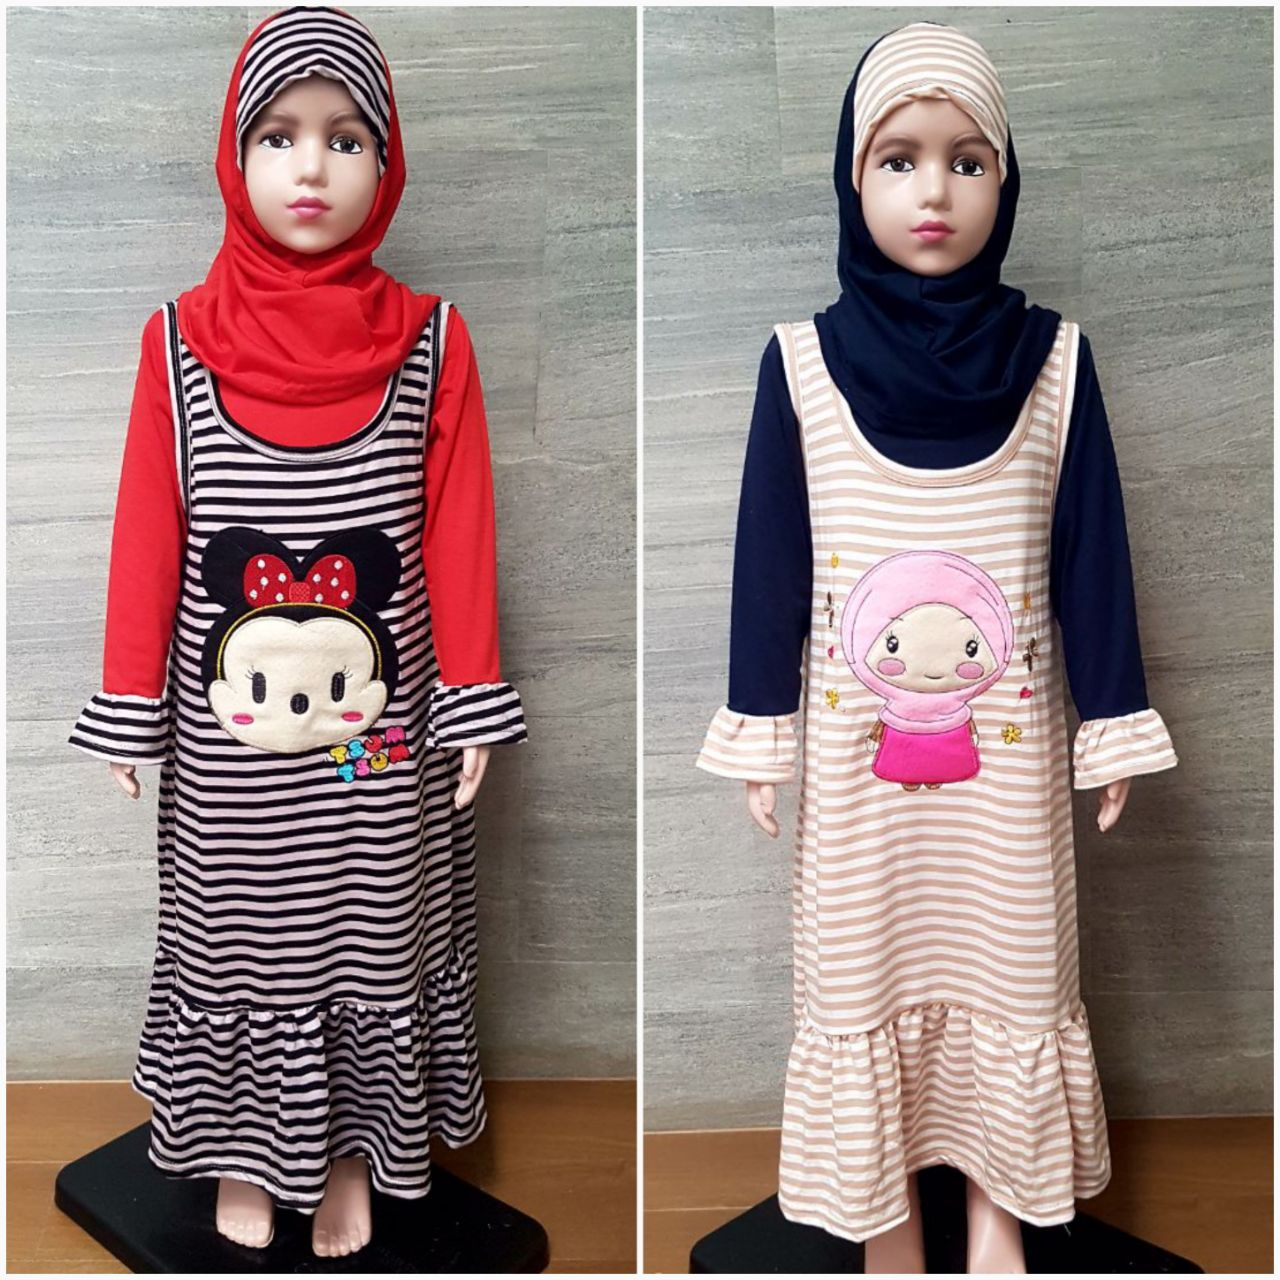 Grosiran Murah di Bandung Grosir Gamis Terry Size 4-8 Anak Perempuan Murah Karakter 35Ribu